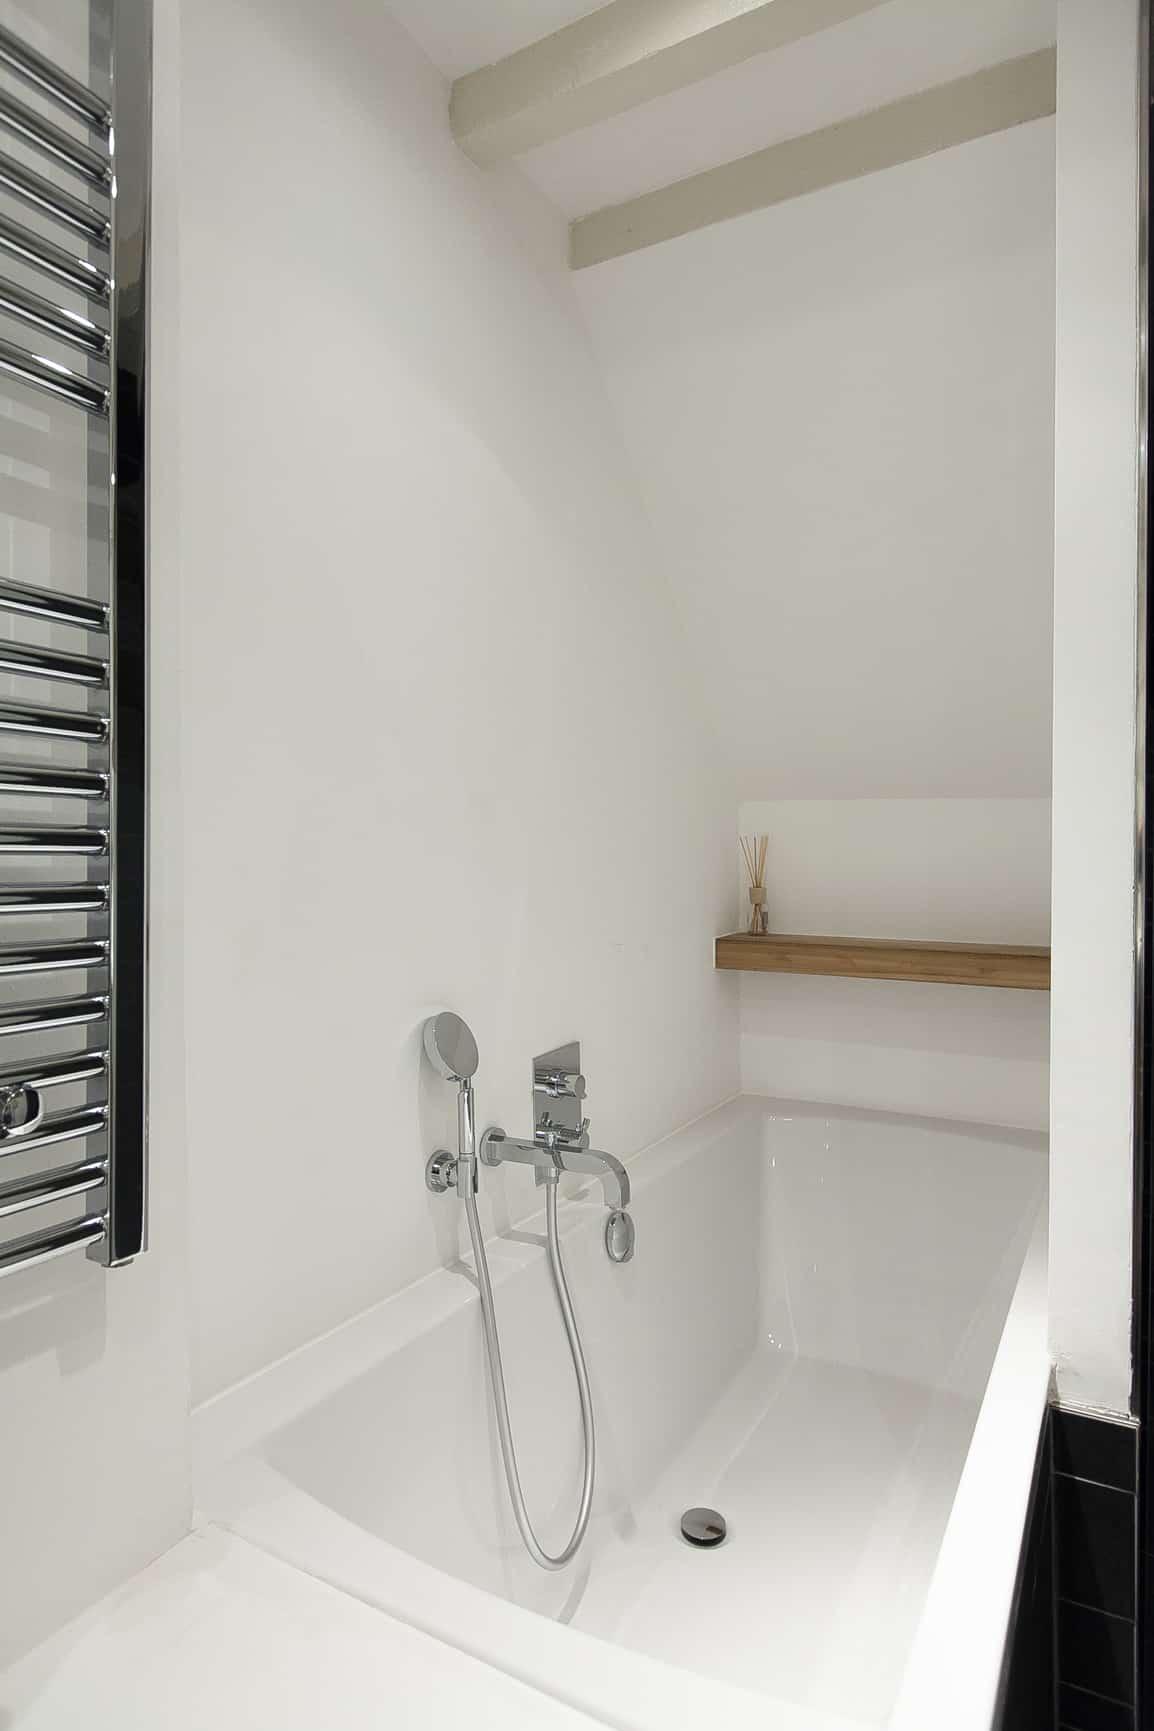 badkamer-bad | Biloxi Vastgoed B.V.